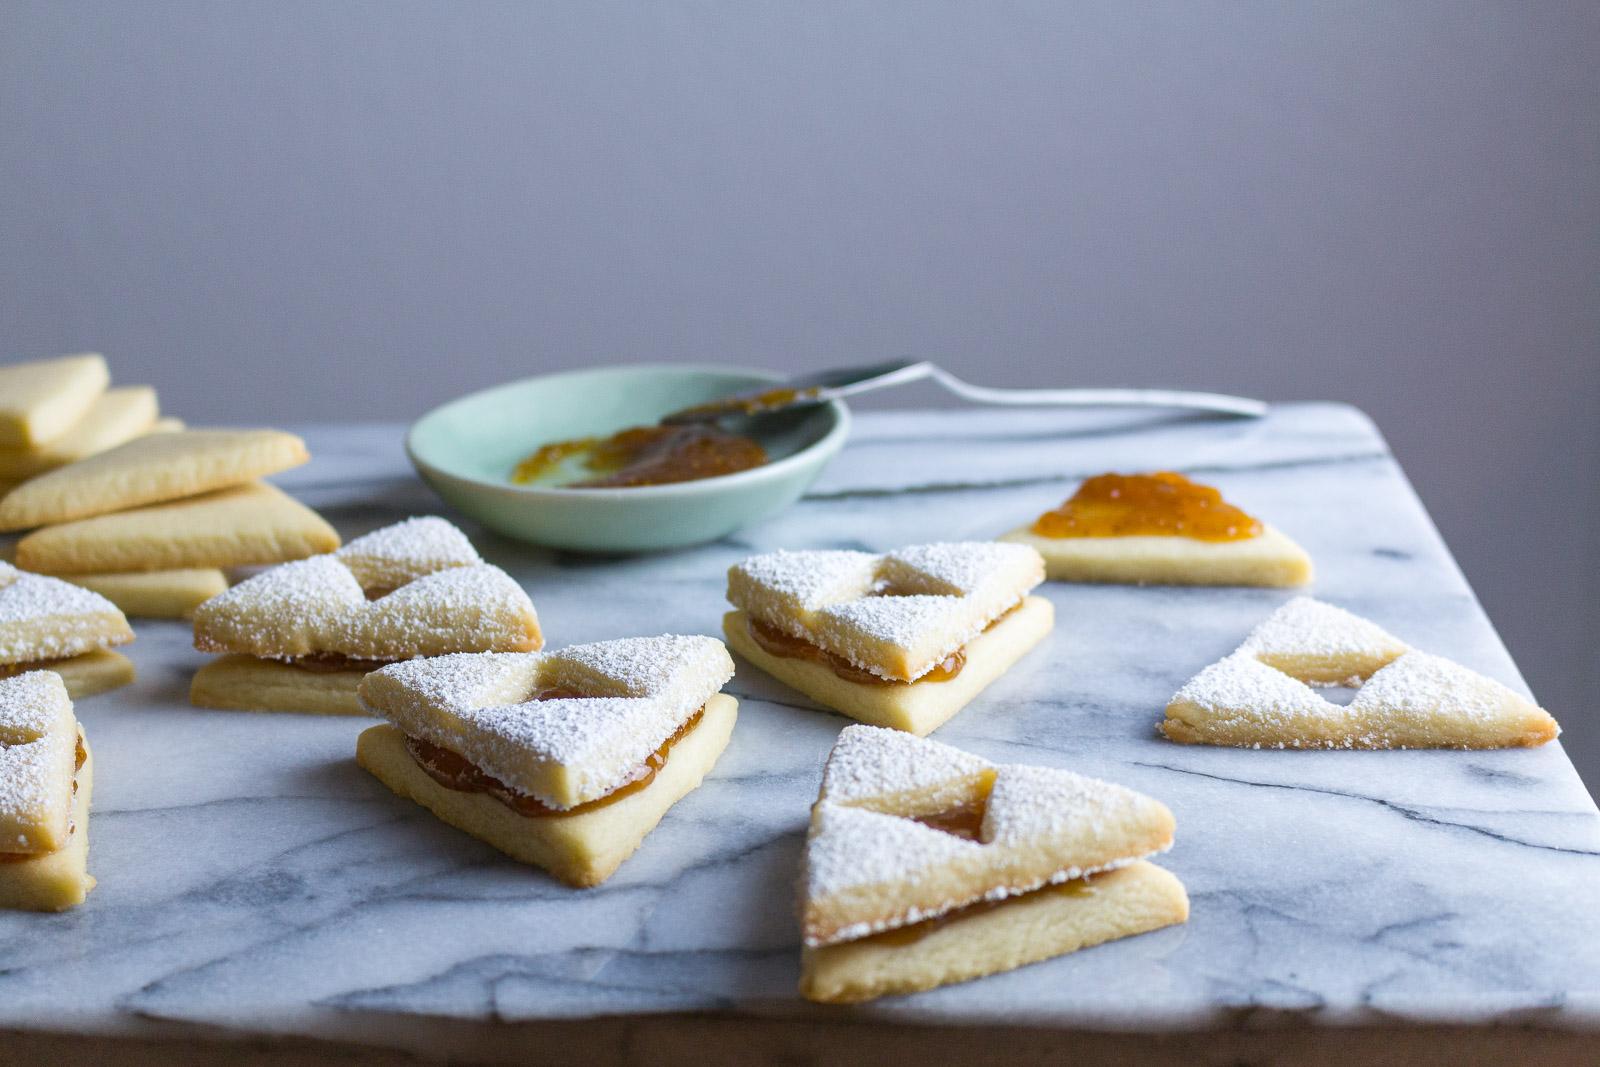 triforce-linzer-cookies-5.jpg